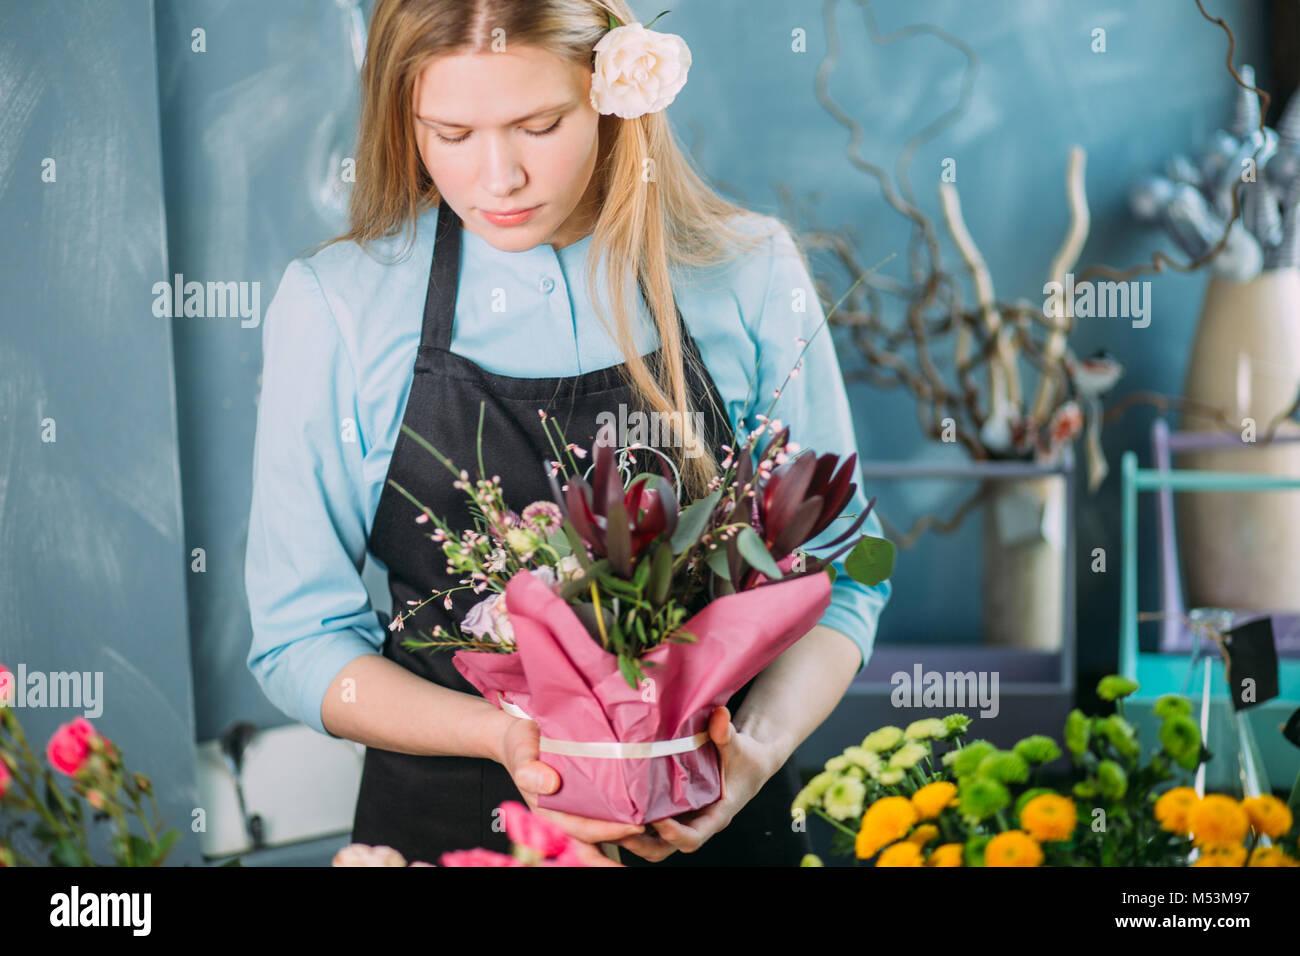 Jóvenes displasing floristería flores sobre fondo azul. Imagen De Stock